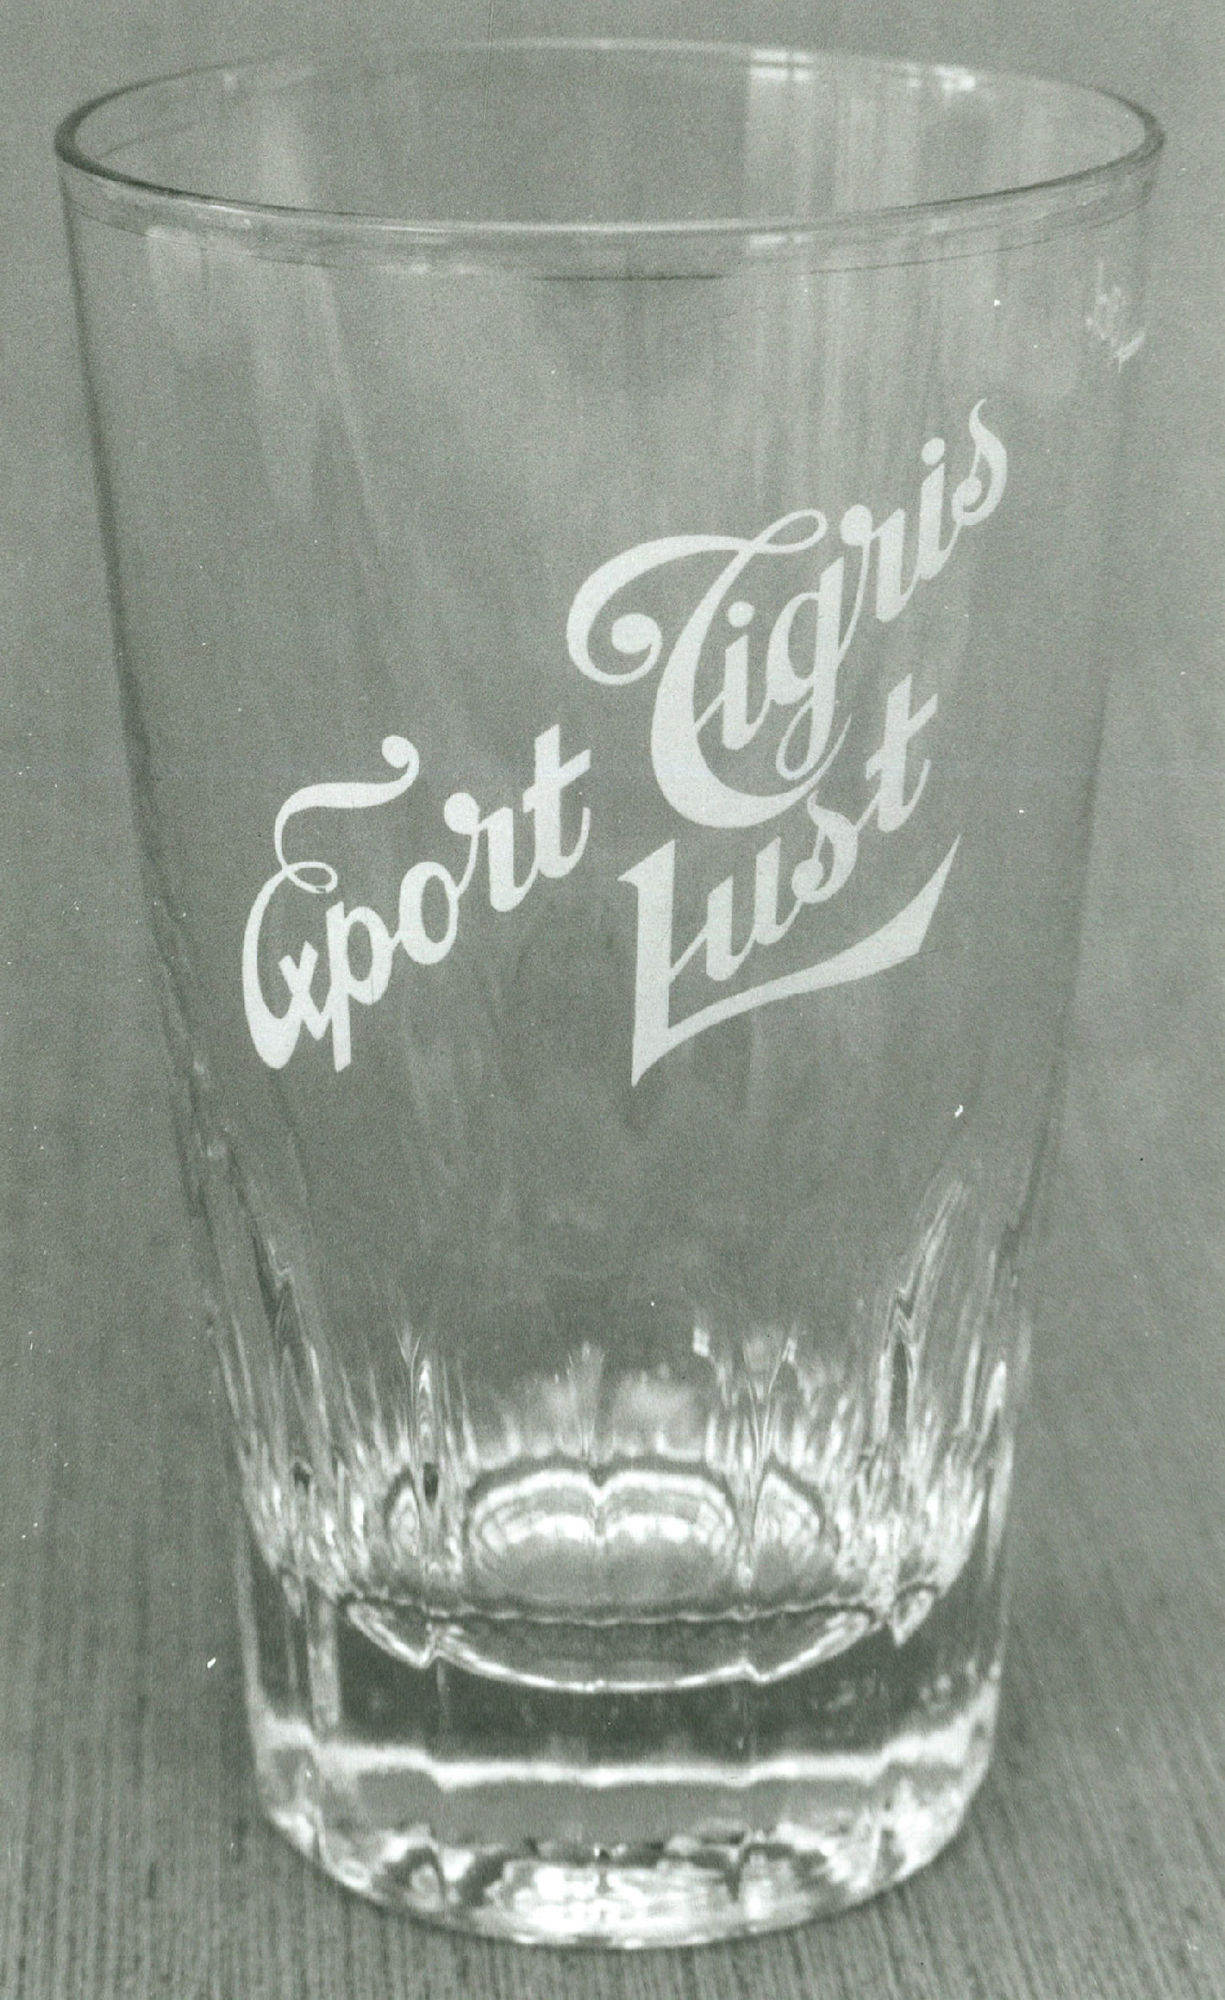 Export bierglas van brouwerij Lust